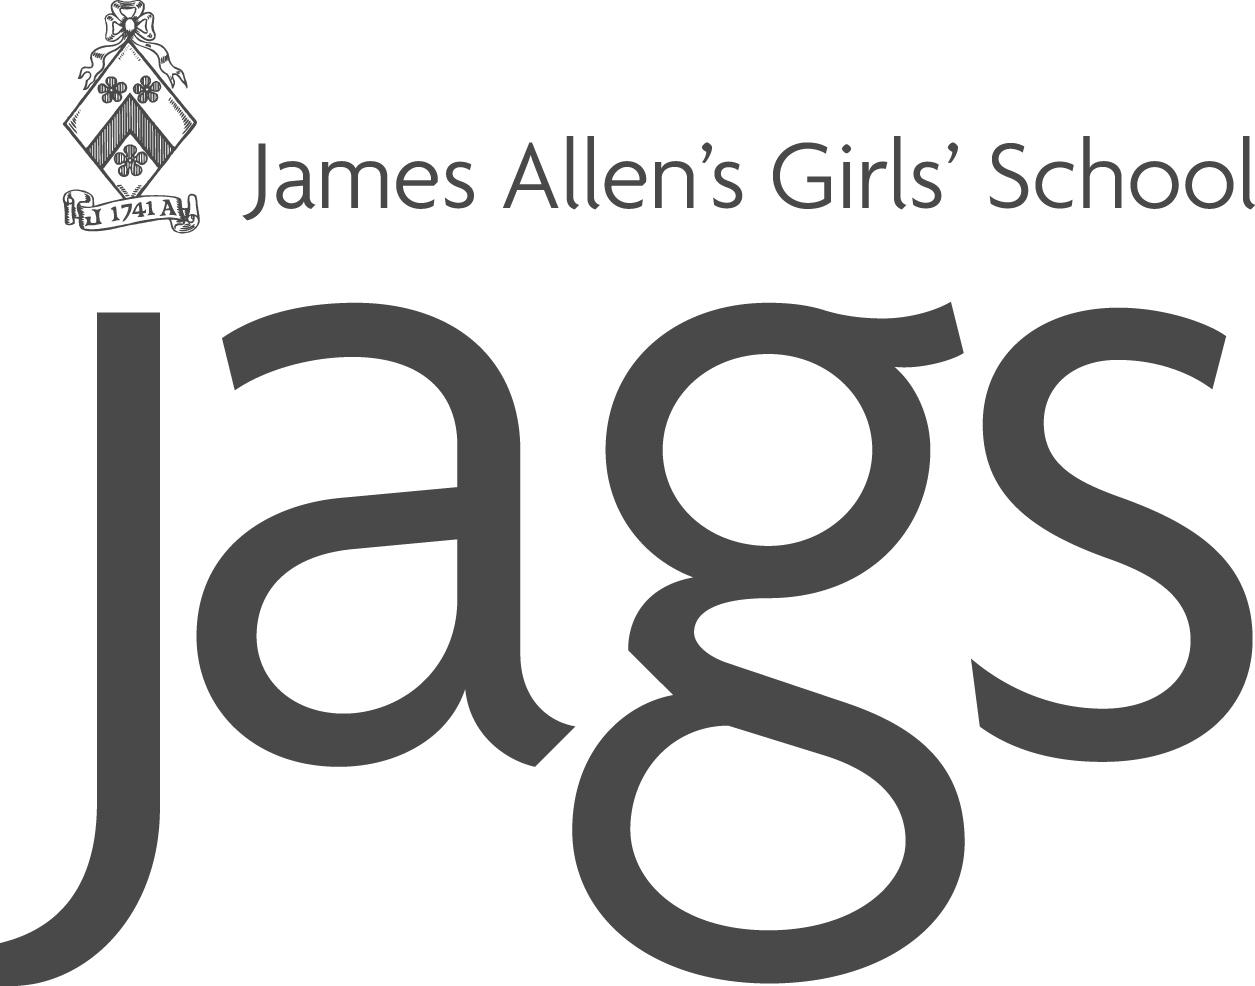 James Allen's Girls' School